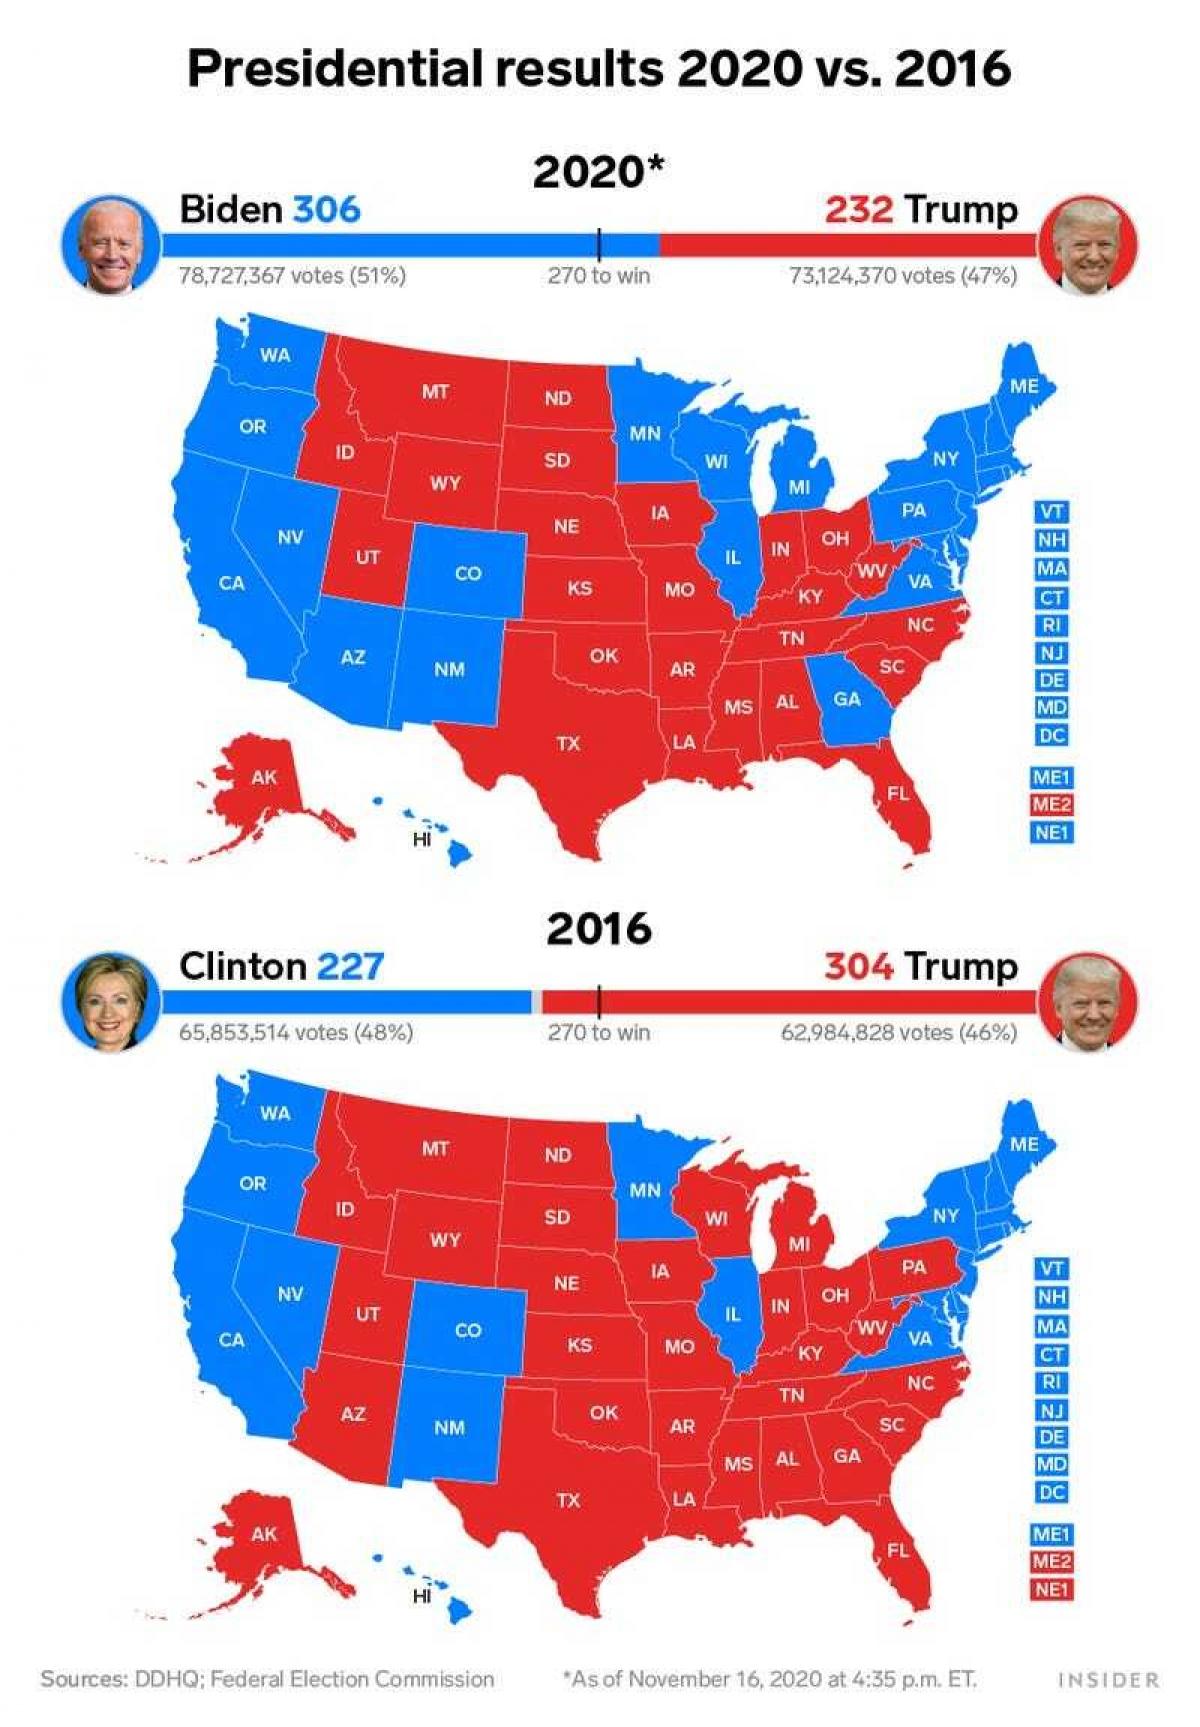 Bản đồ đại cử tri năm 2020 và năm 2016. Ảnh: Business Insider